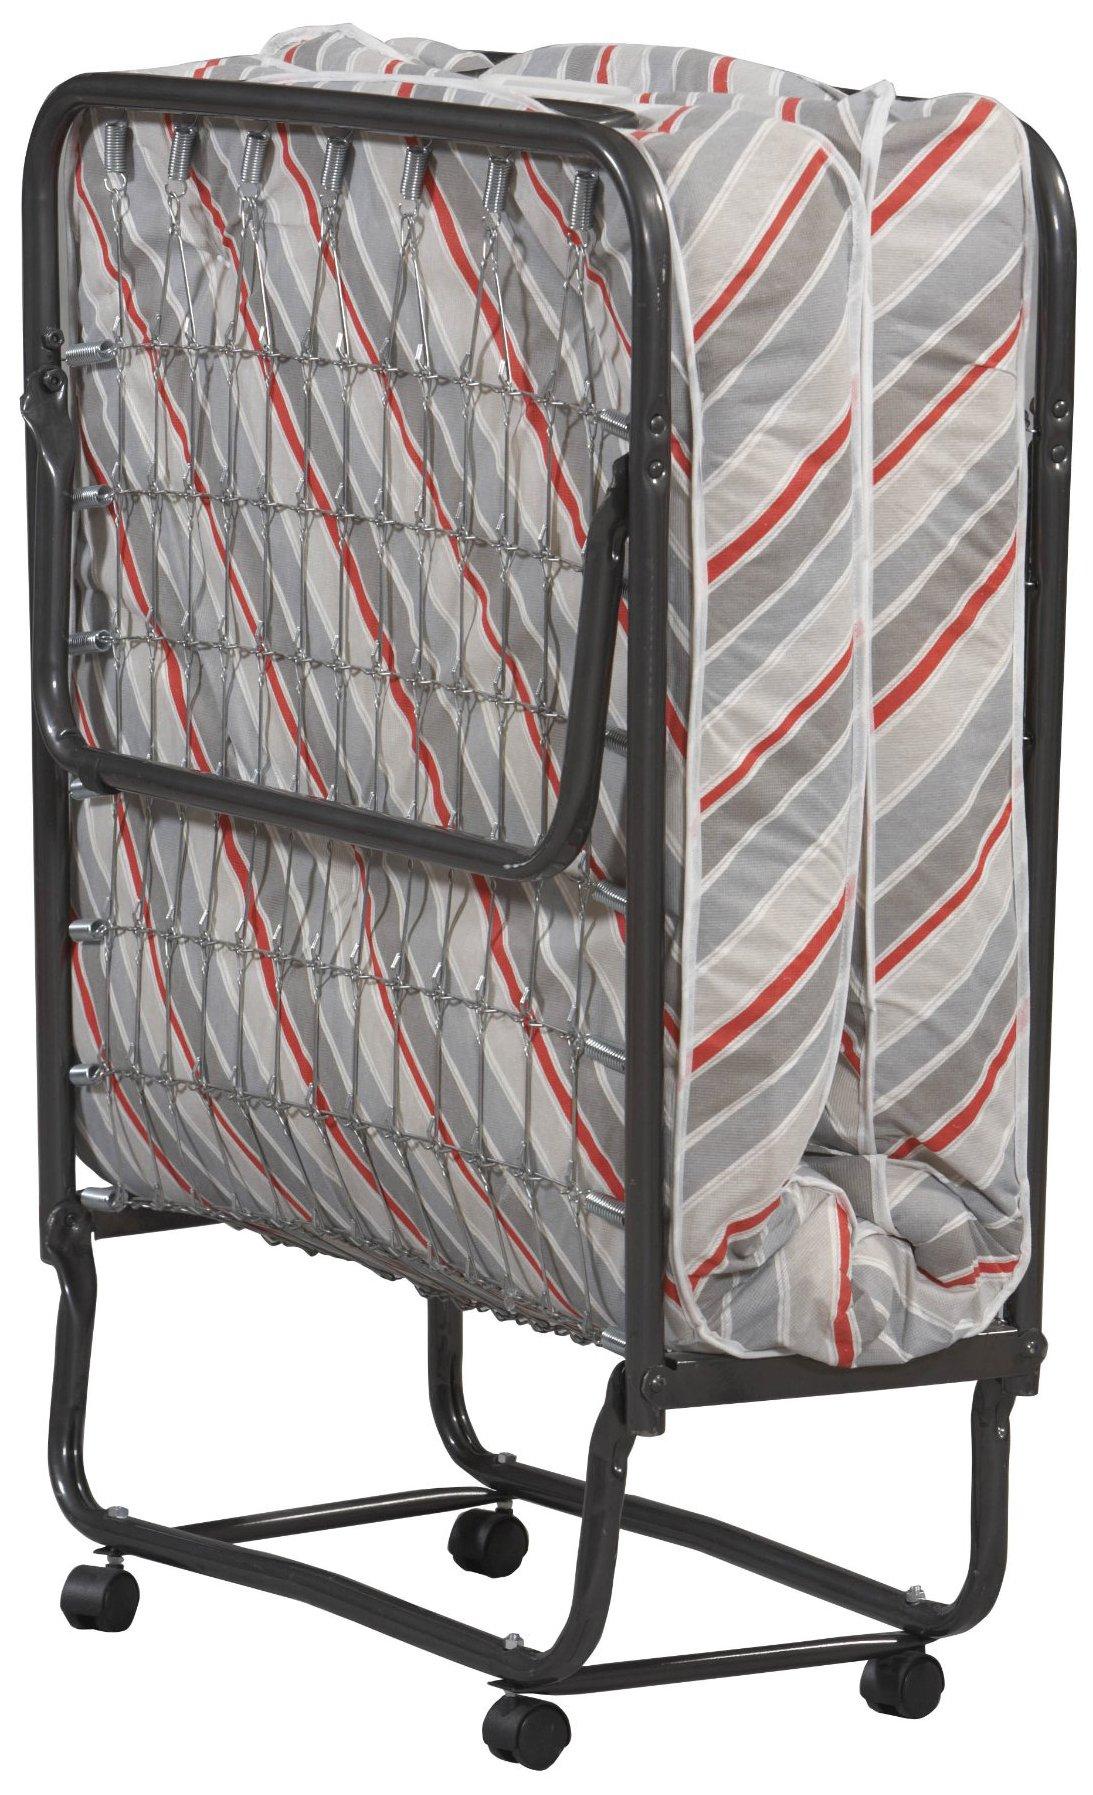 Linon Verona Cot-Size Folding Bed, Multi-Color by Linon